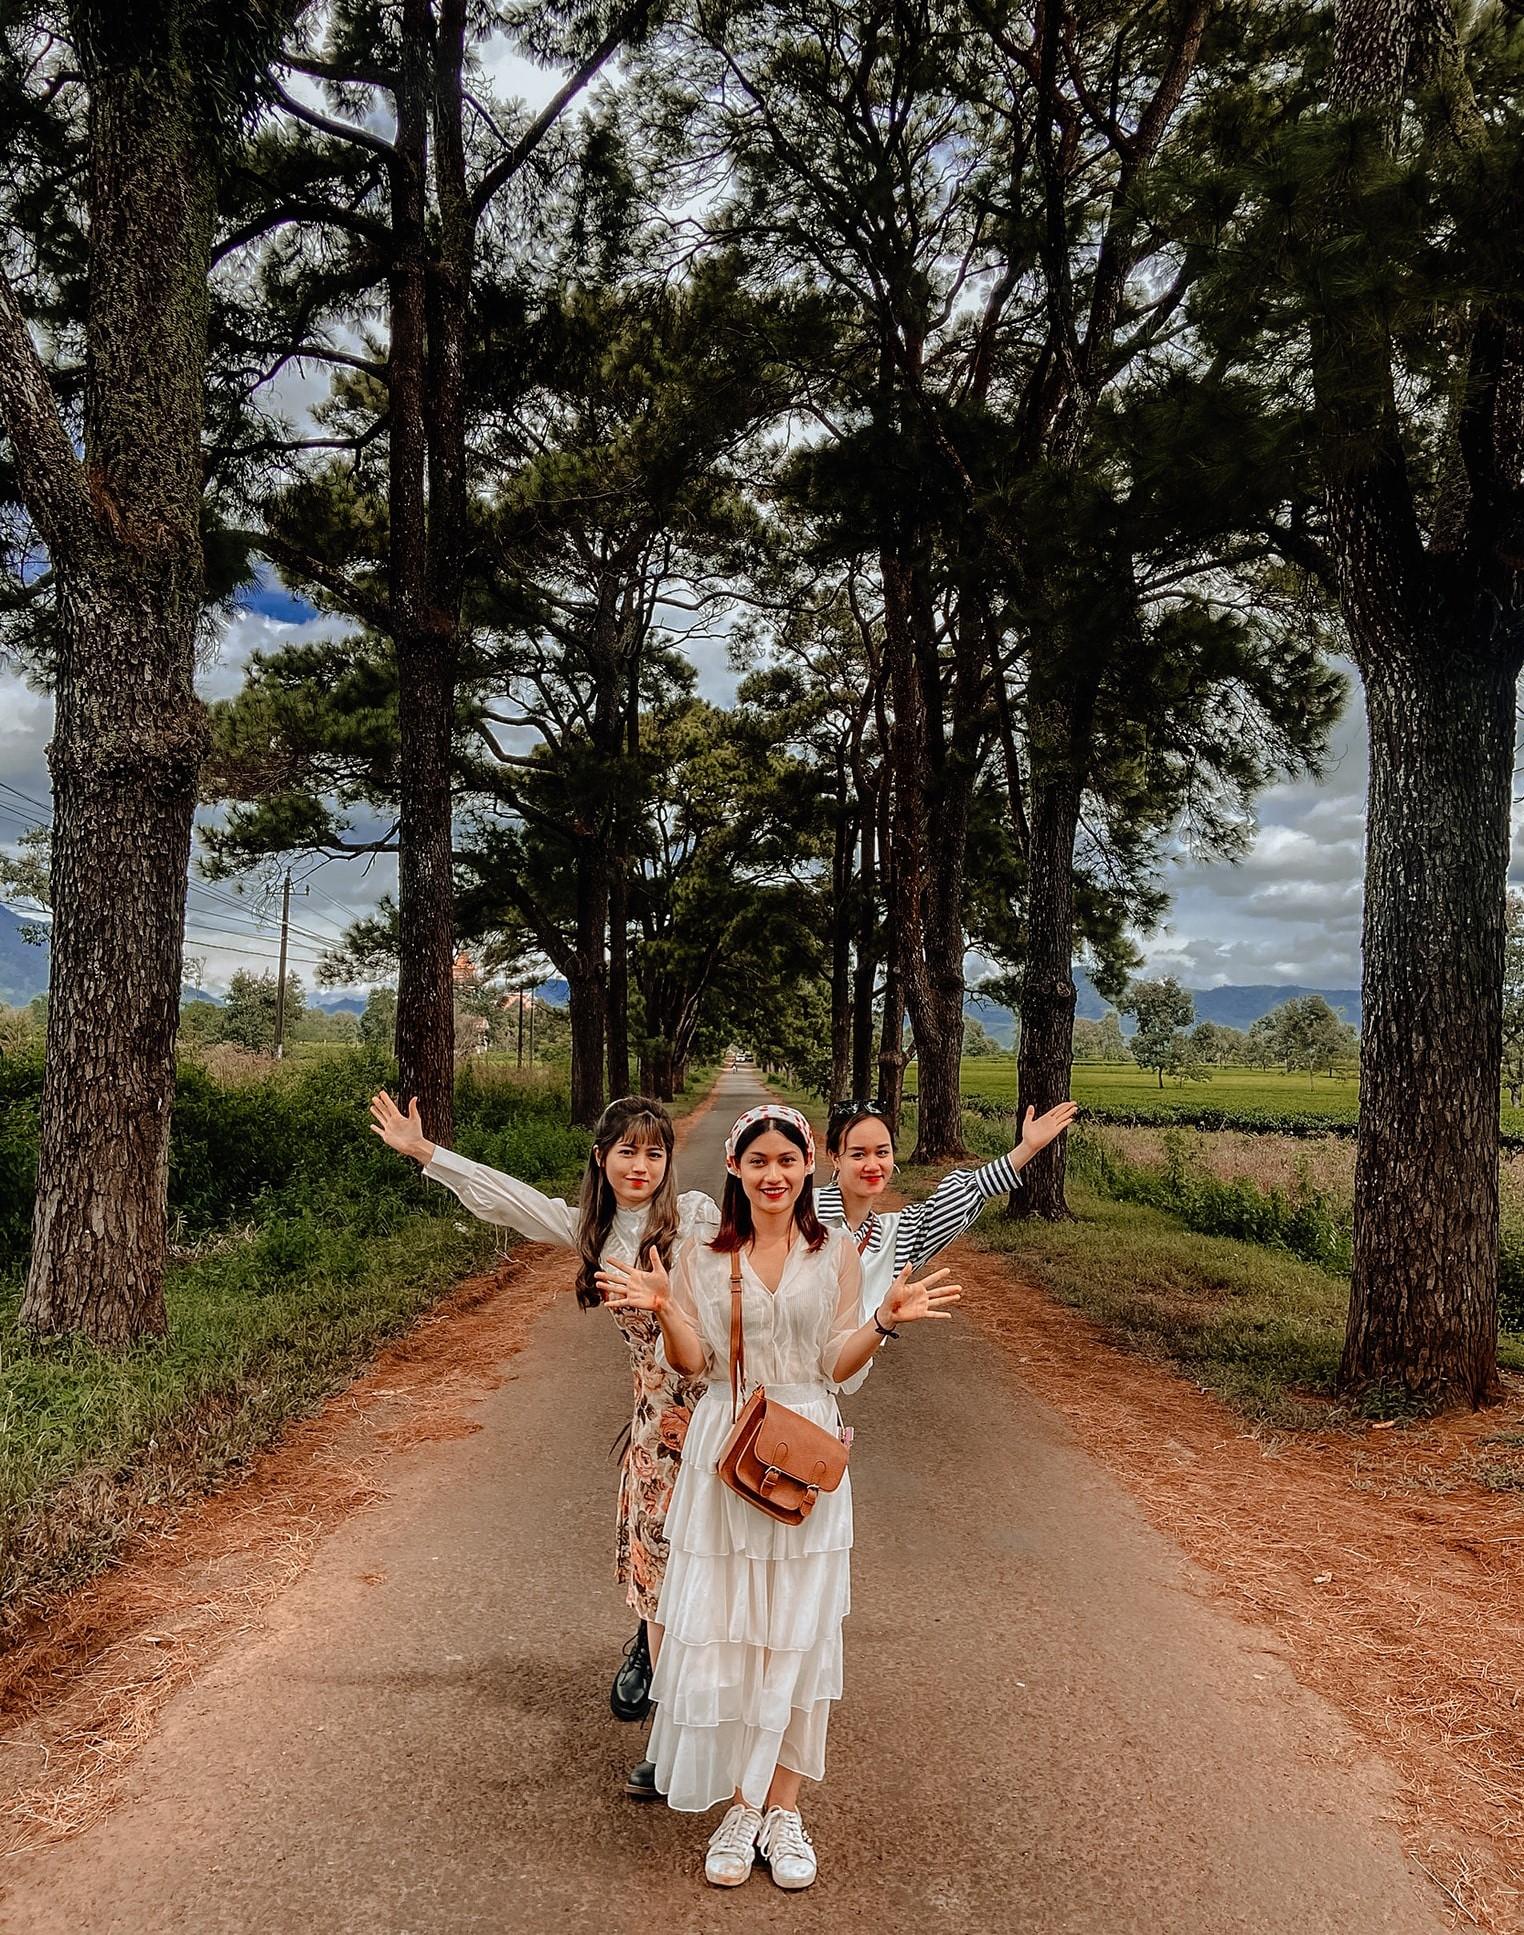 du lịch Gia Lai Kon Tum 4 ngày 3 đêm